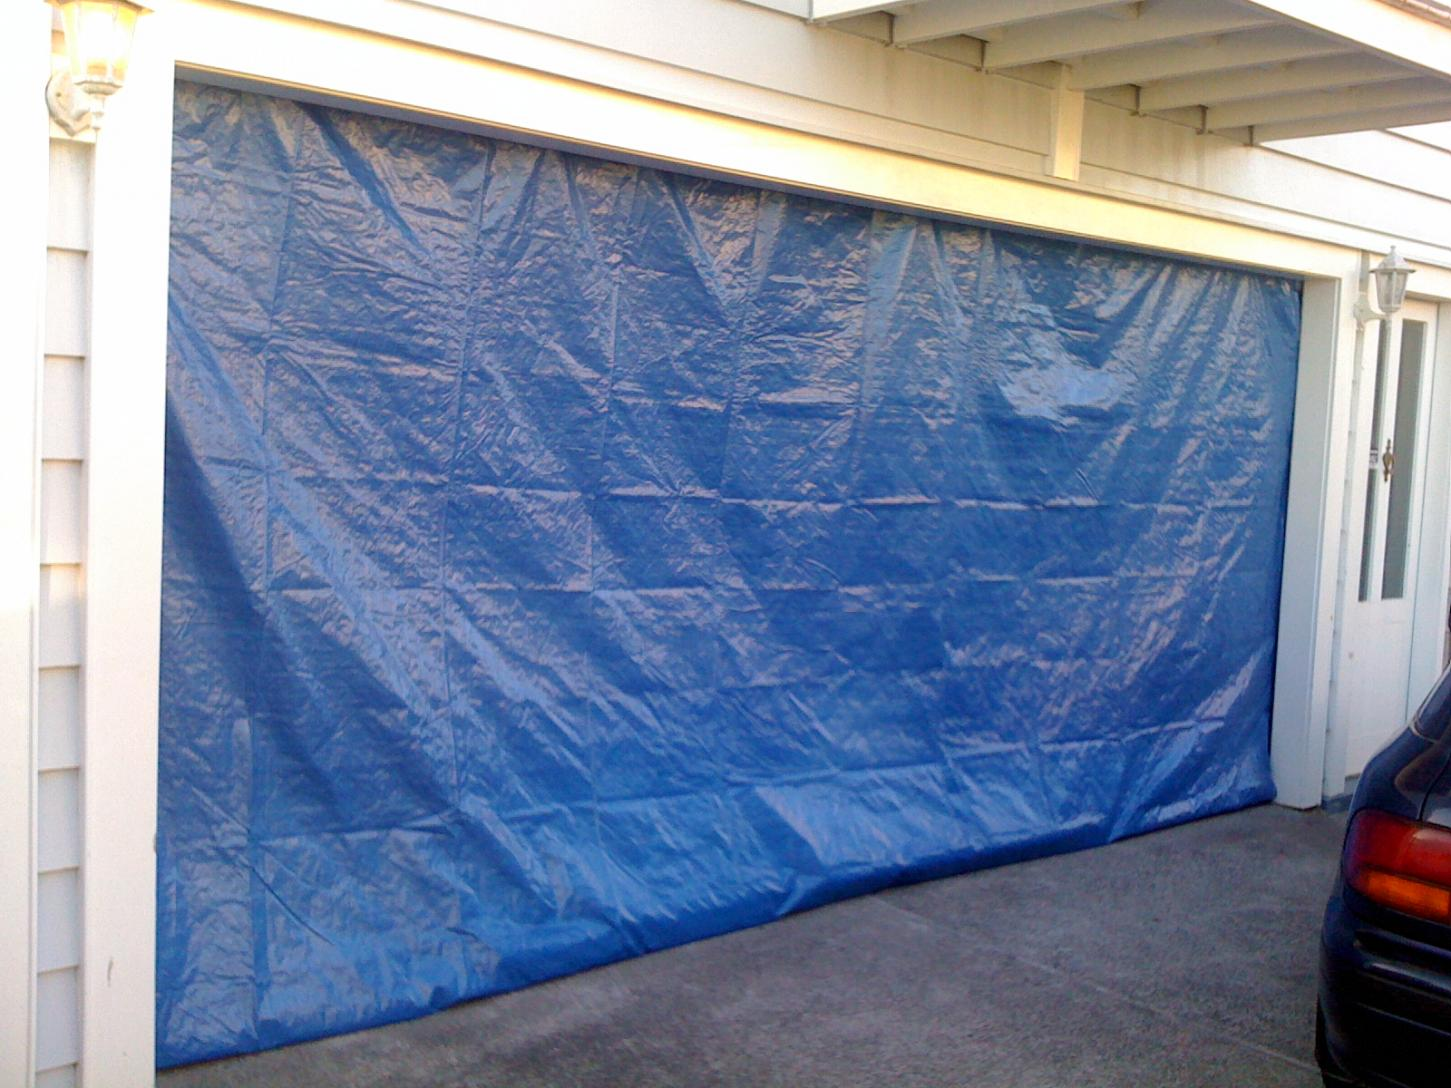 Garage Door beez garage door services pictures : HotRox Studio Build, Auckland - Gearslutz Pro Audio Community